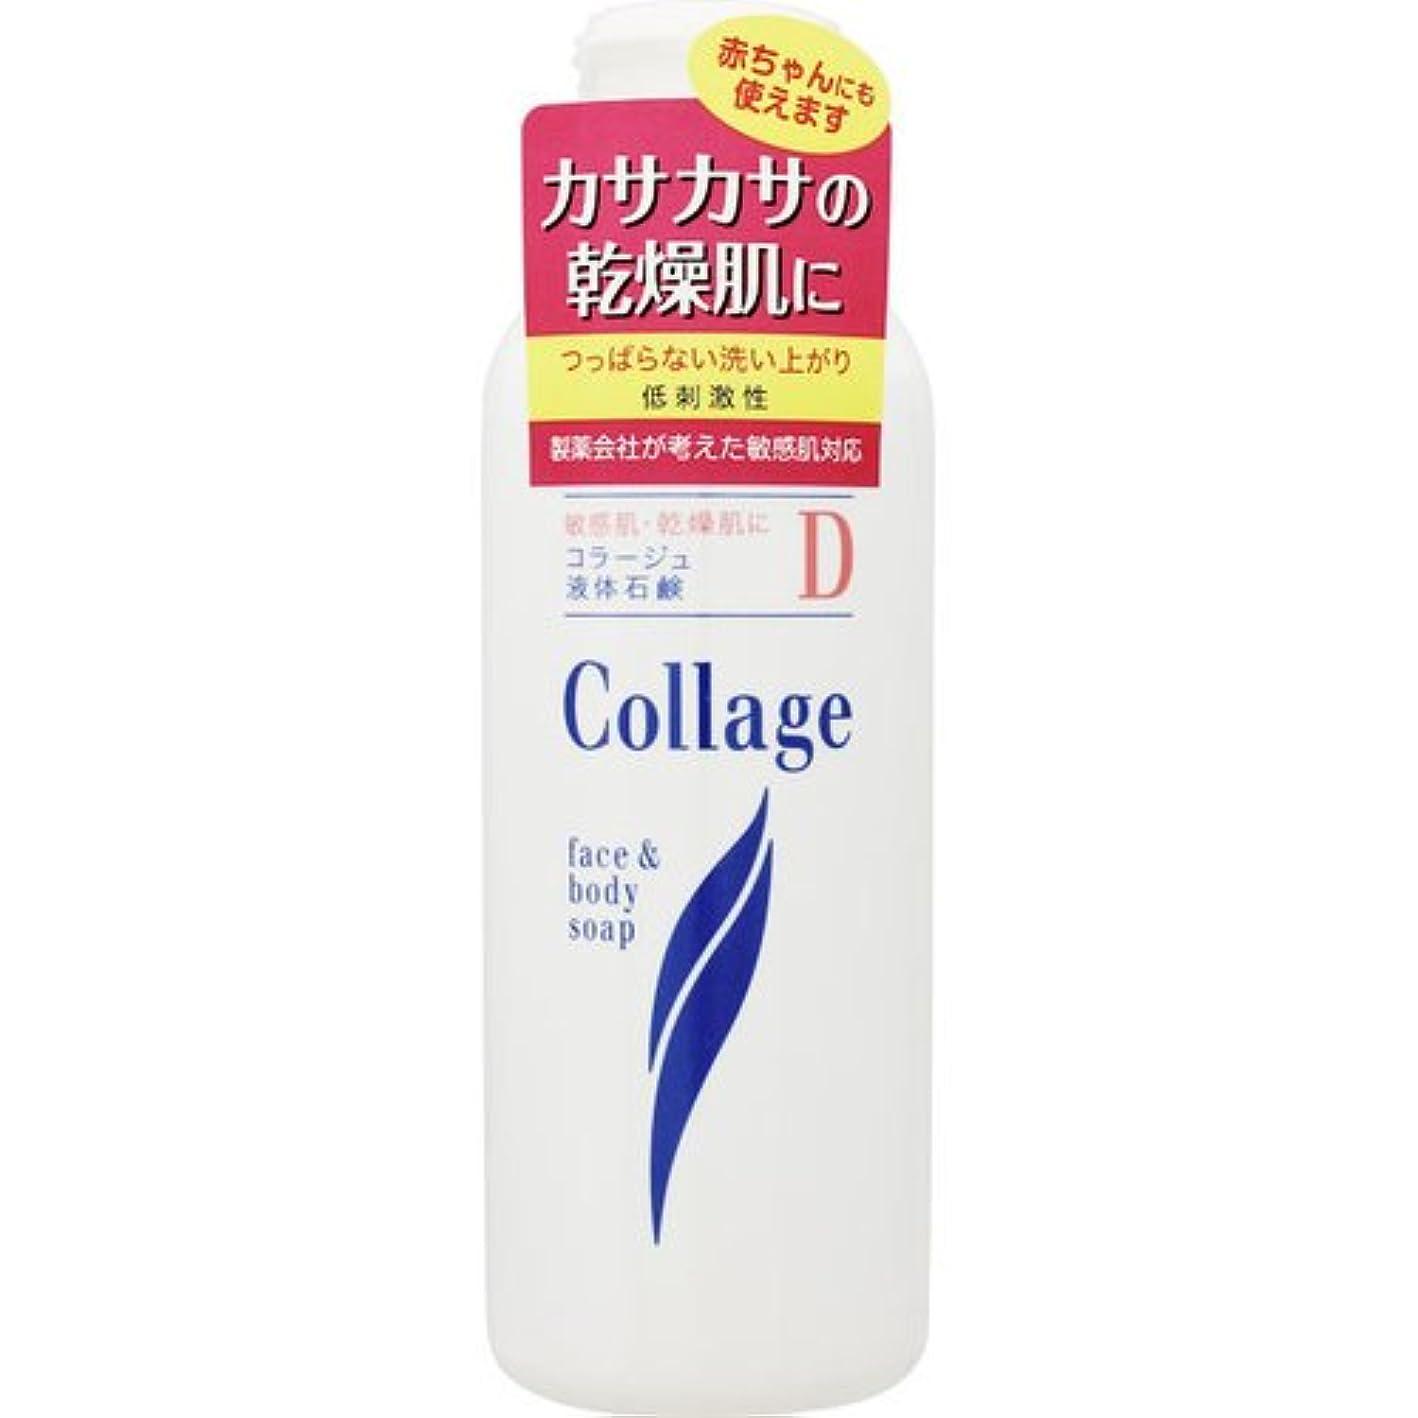 レイアニコチンリファイン持田ヘルスケア コラージュD液体石鹸 (200mL) 敏感肌 液体洗顔料 コラージュ